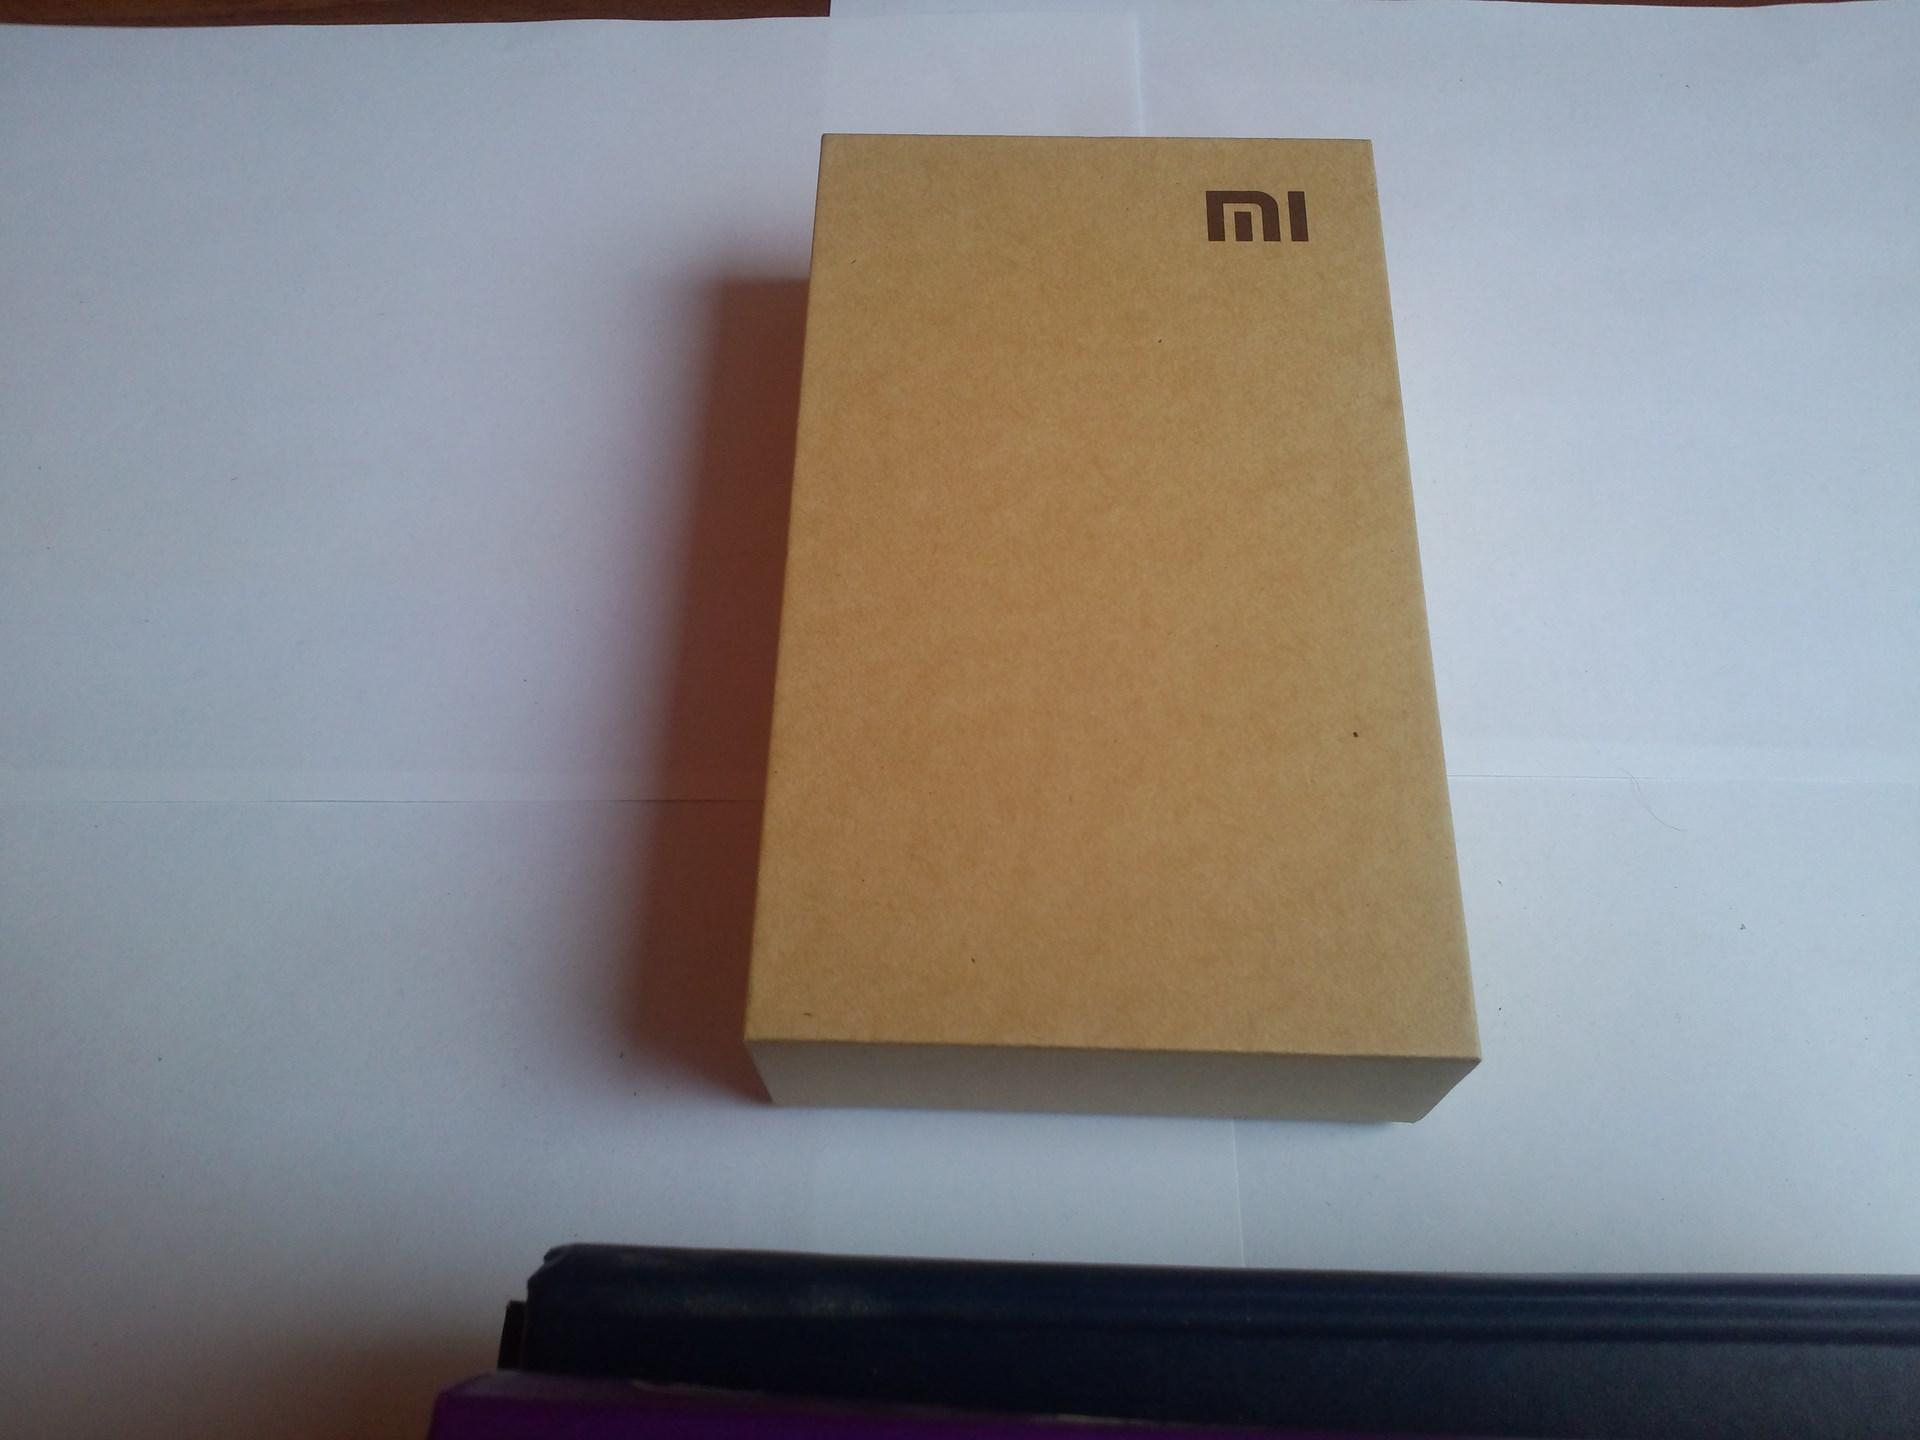 Обзор лучшего бюджетника 2015 года — Xiaomi Redmi Note 2 - 2